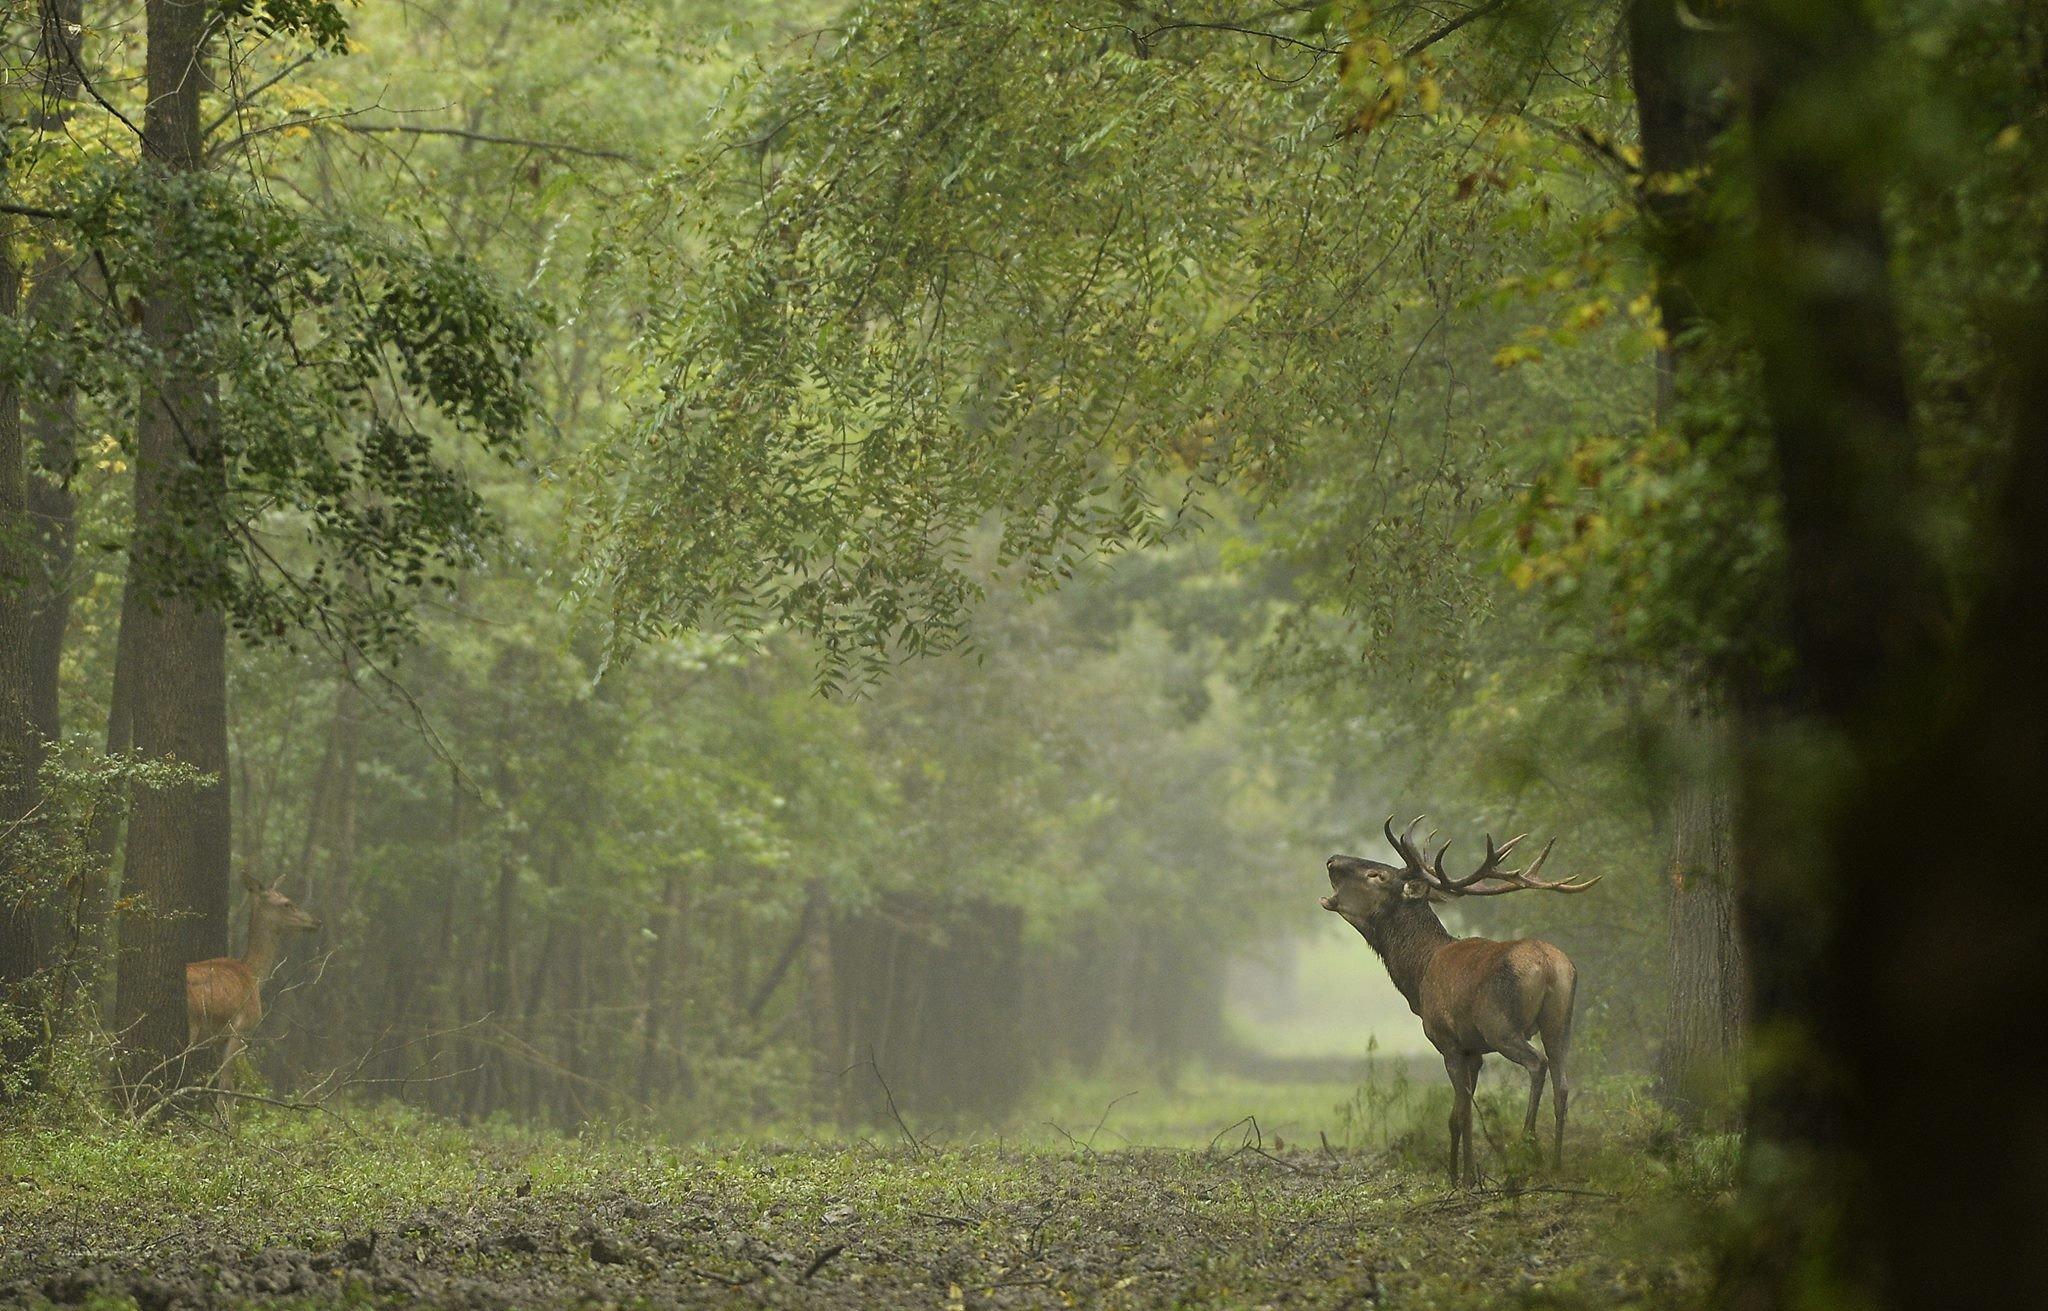 Szuper őszi program: szervezett túrán hallgathatjuk a szarvasbőgést a Pilisben